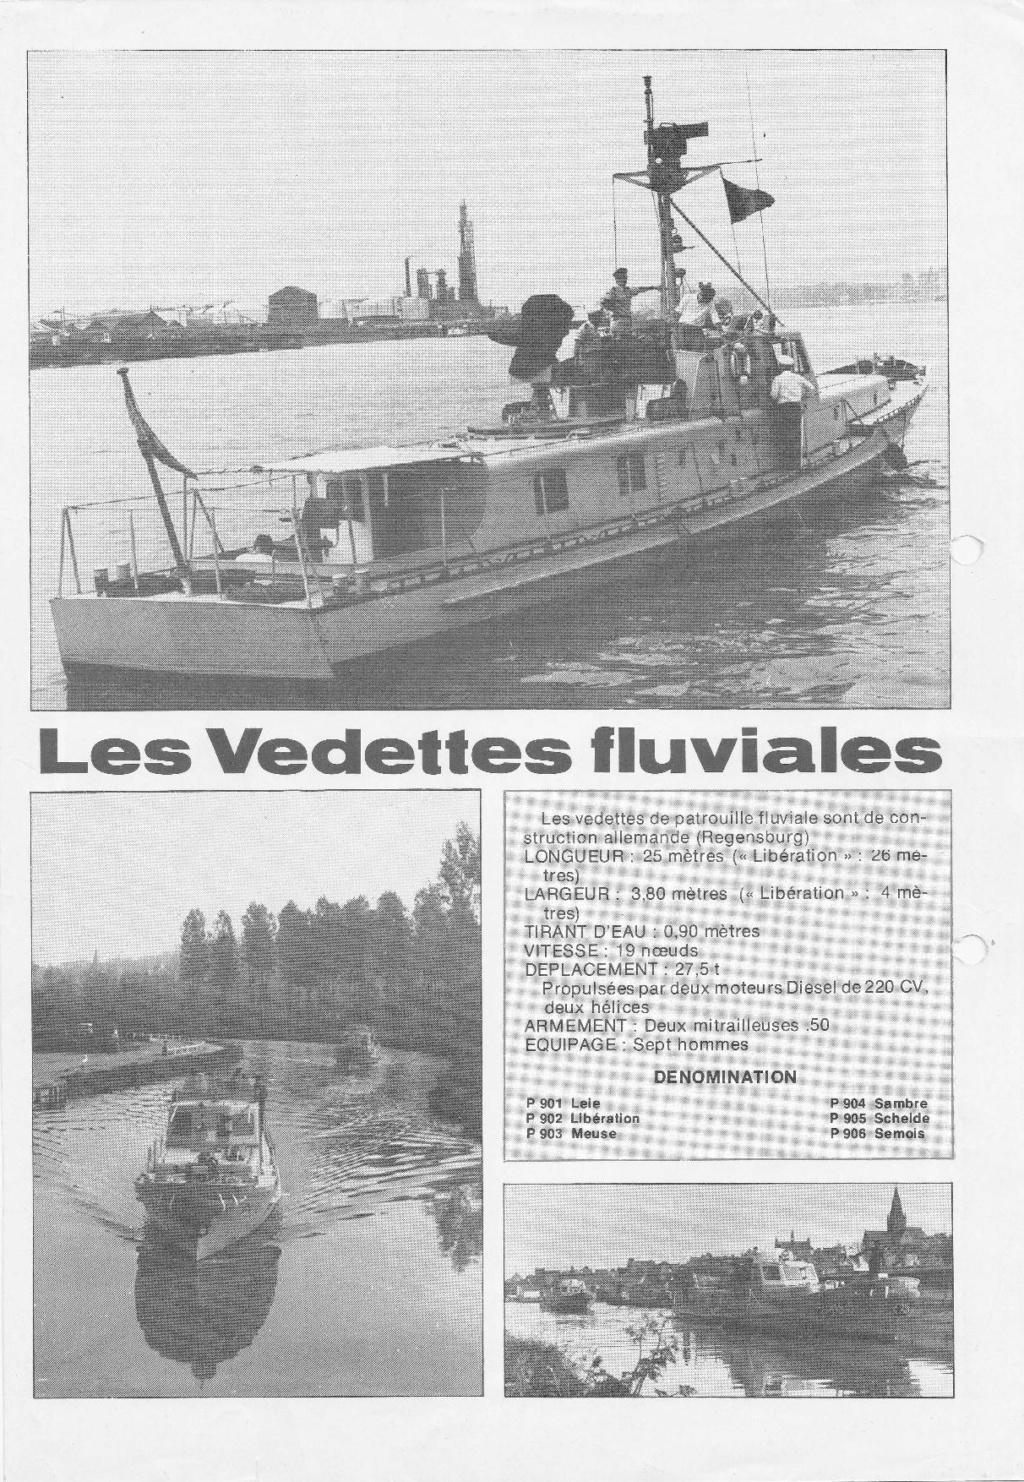 P904 Sambre - Page 2 Libera10